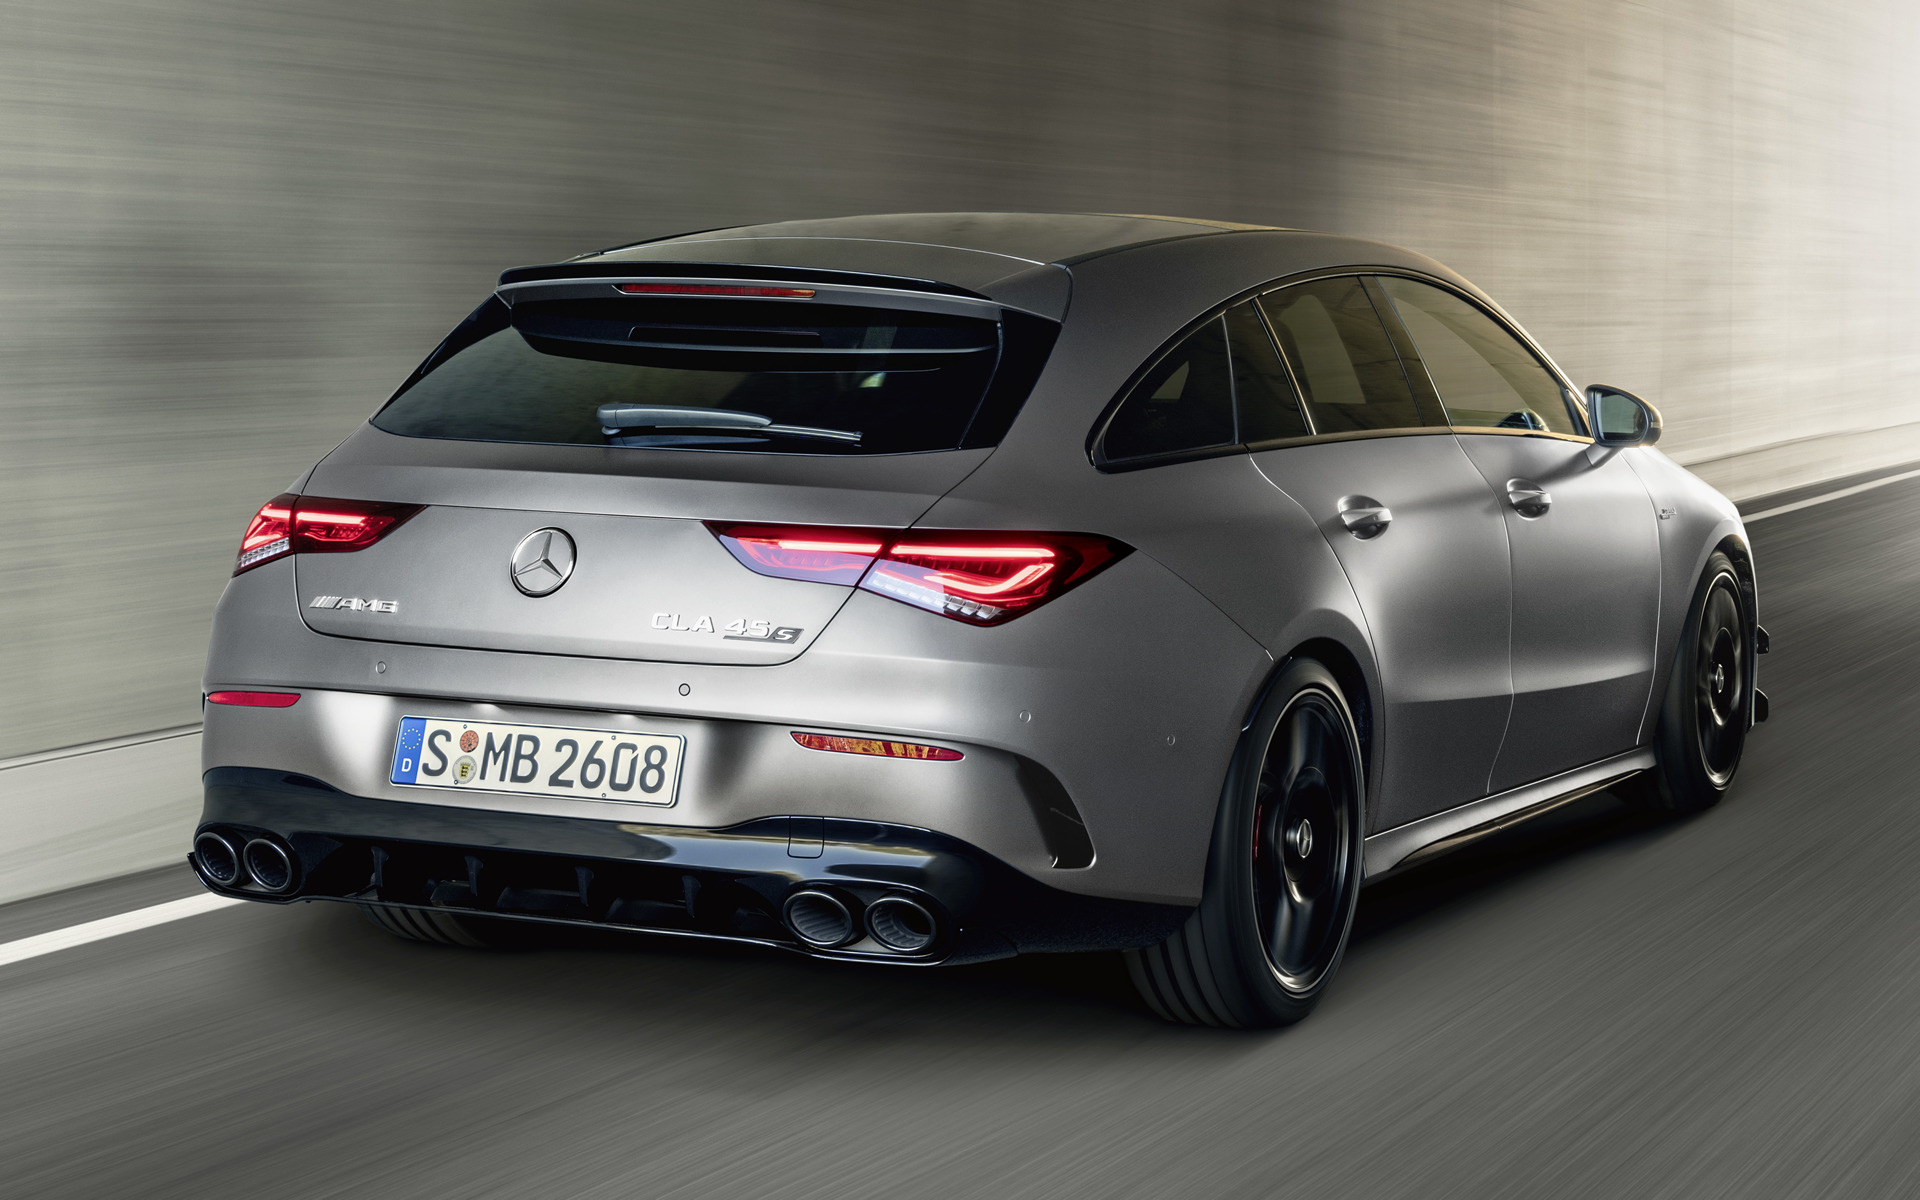 2019 Mercedes Amg Cla 45 S Shooting Brake Aerodynamics Package Papeis De Parede E Imagens De Fundo Em Hd Car Pixel